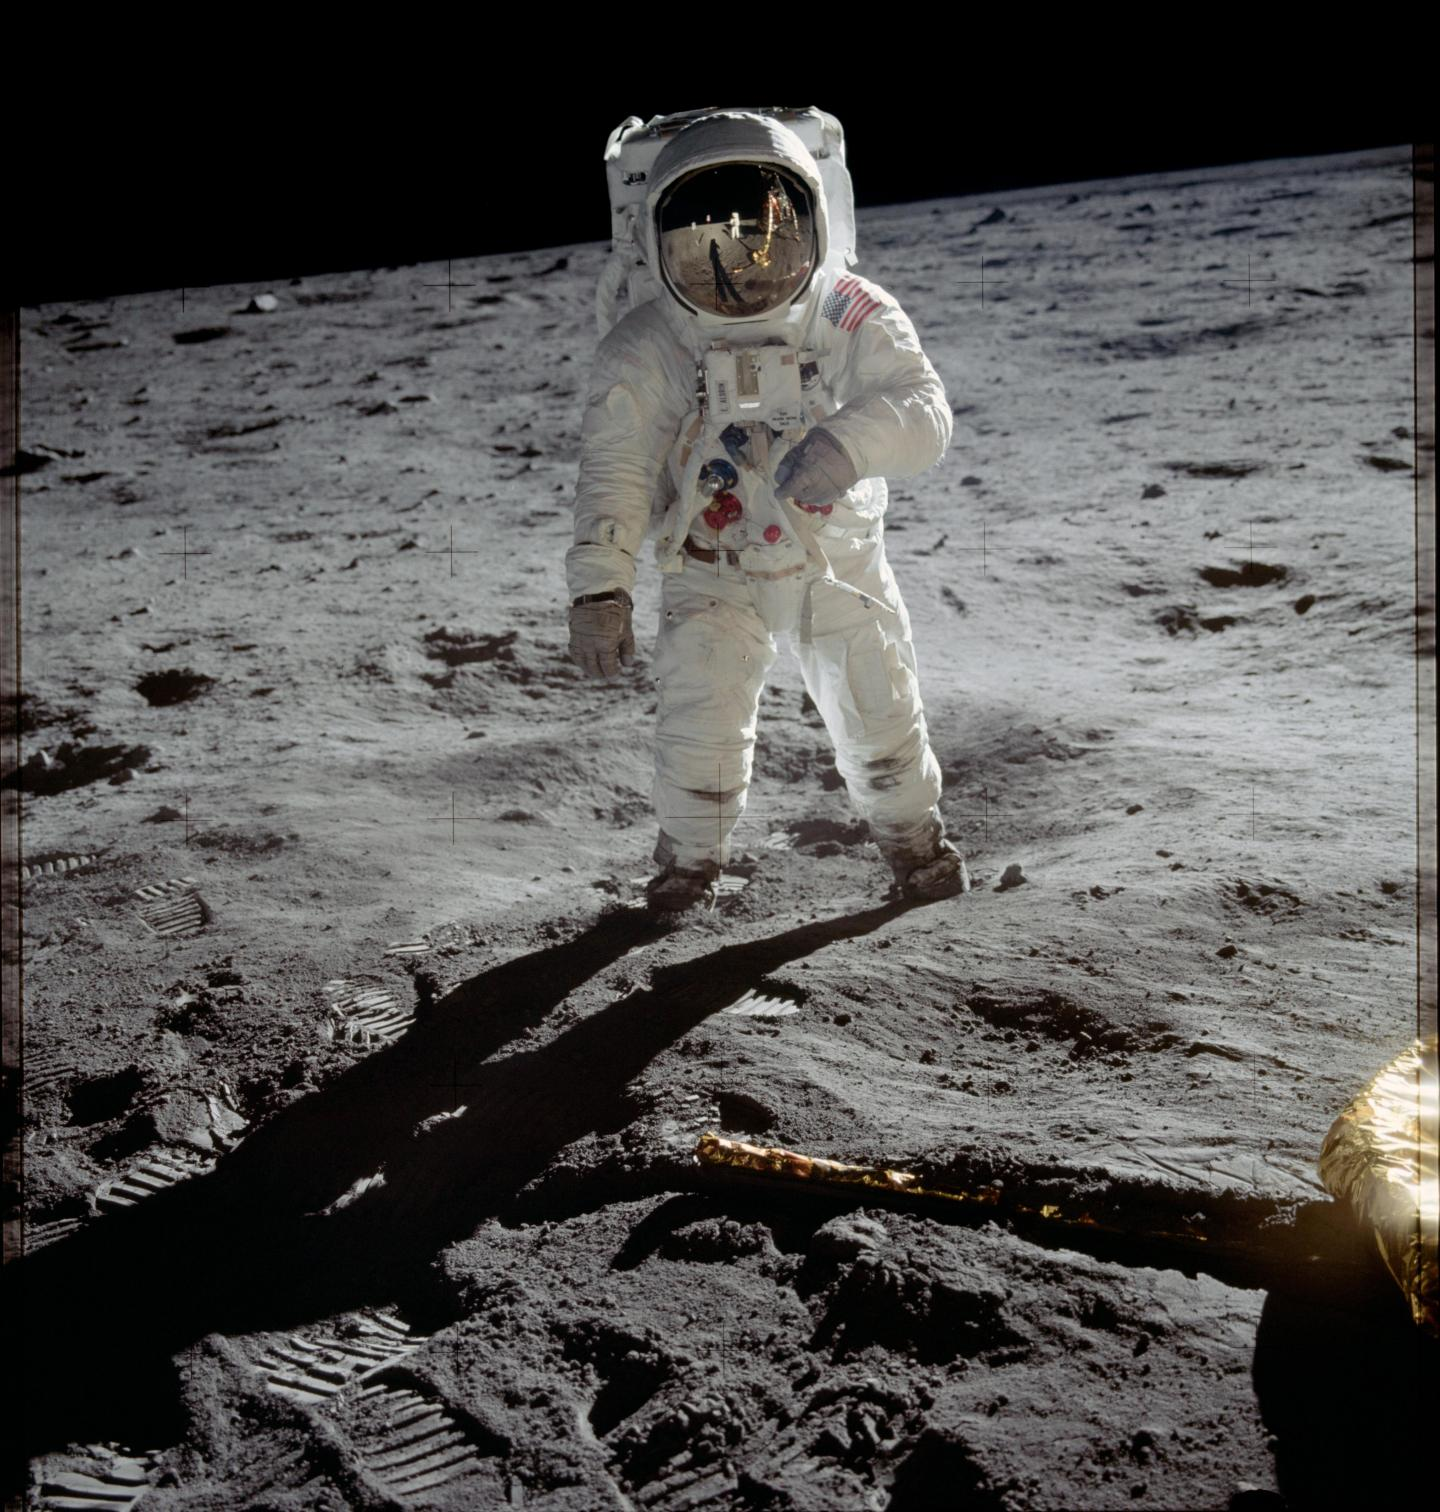 Buzz Aldrin est le deuxième homme à poser le pied sur la Lune ! Il est, ici, photographié par Neil Armstrong.